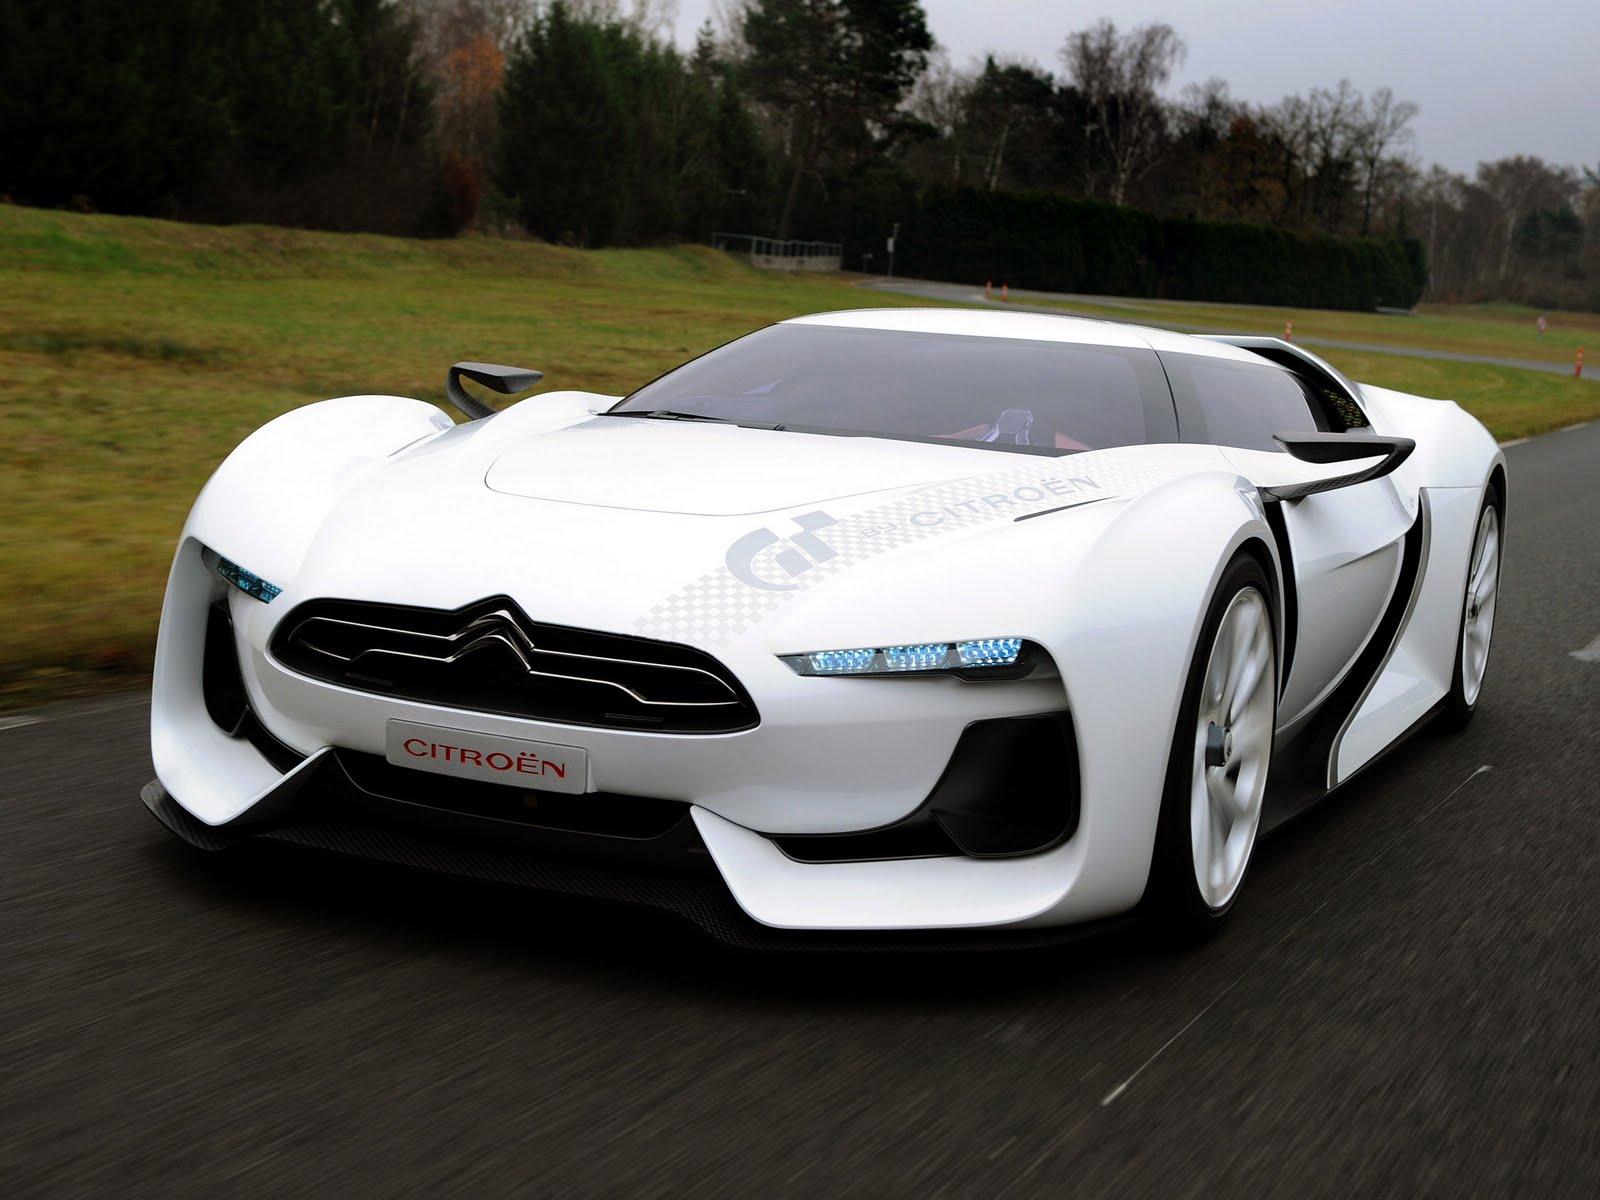 Citroen Gt Concept Futuristic Sporty Designed For Gran